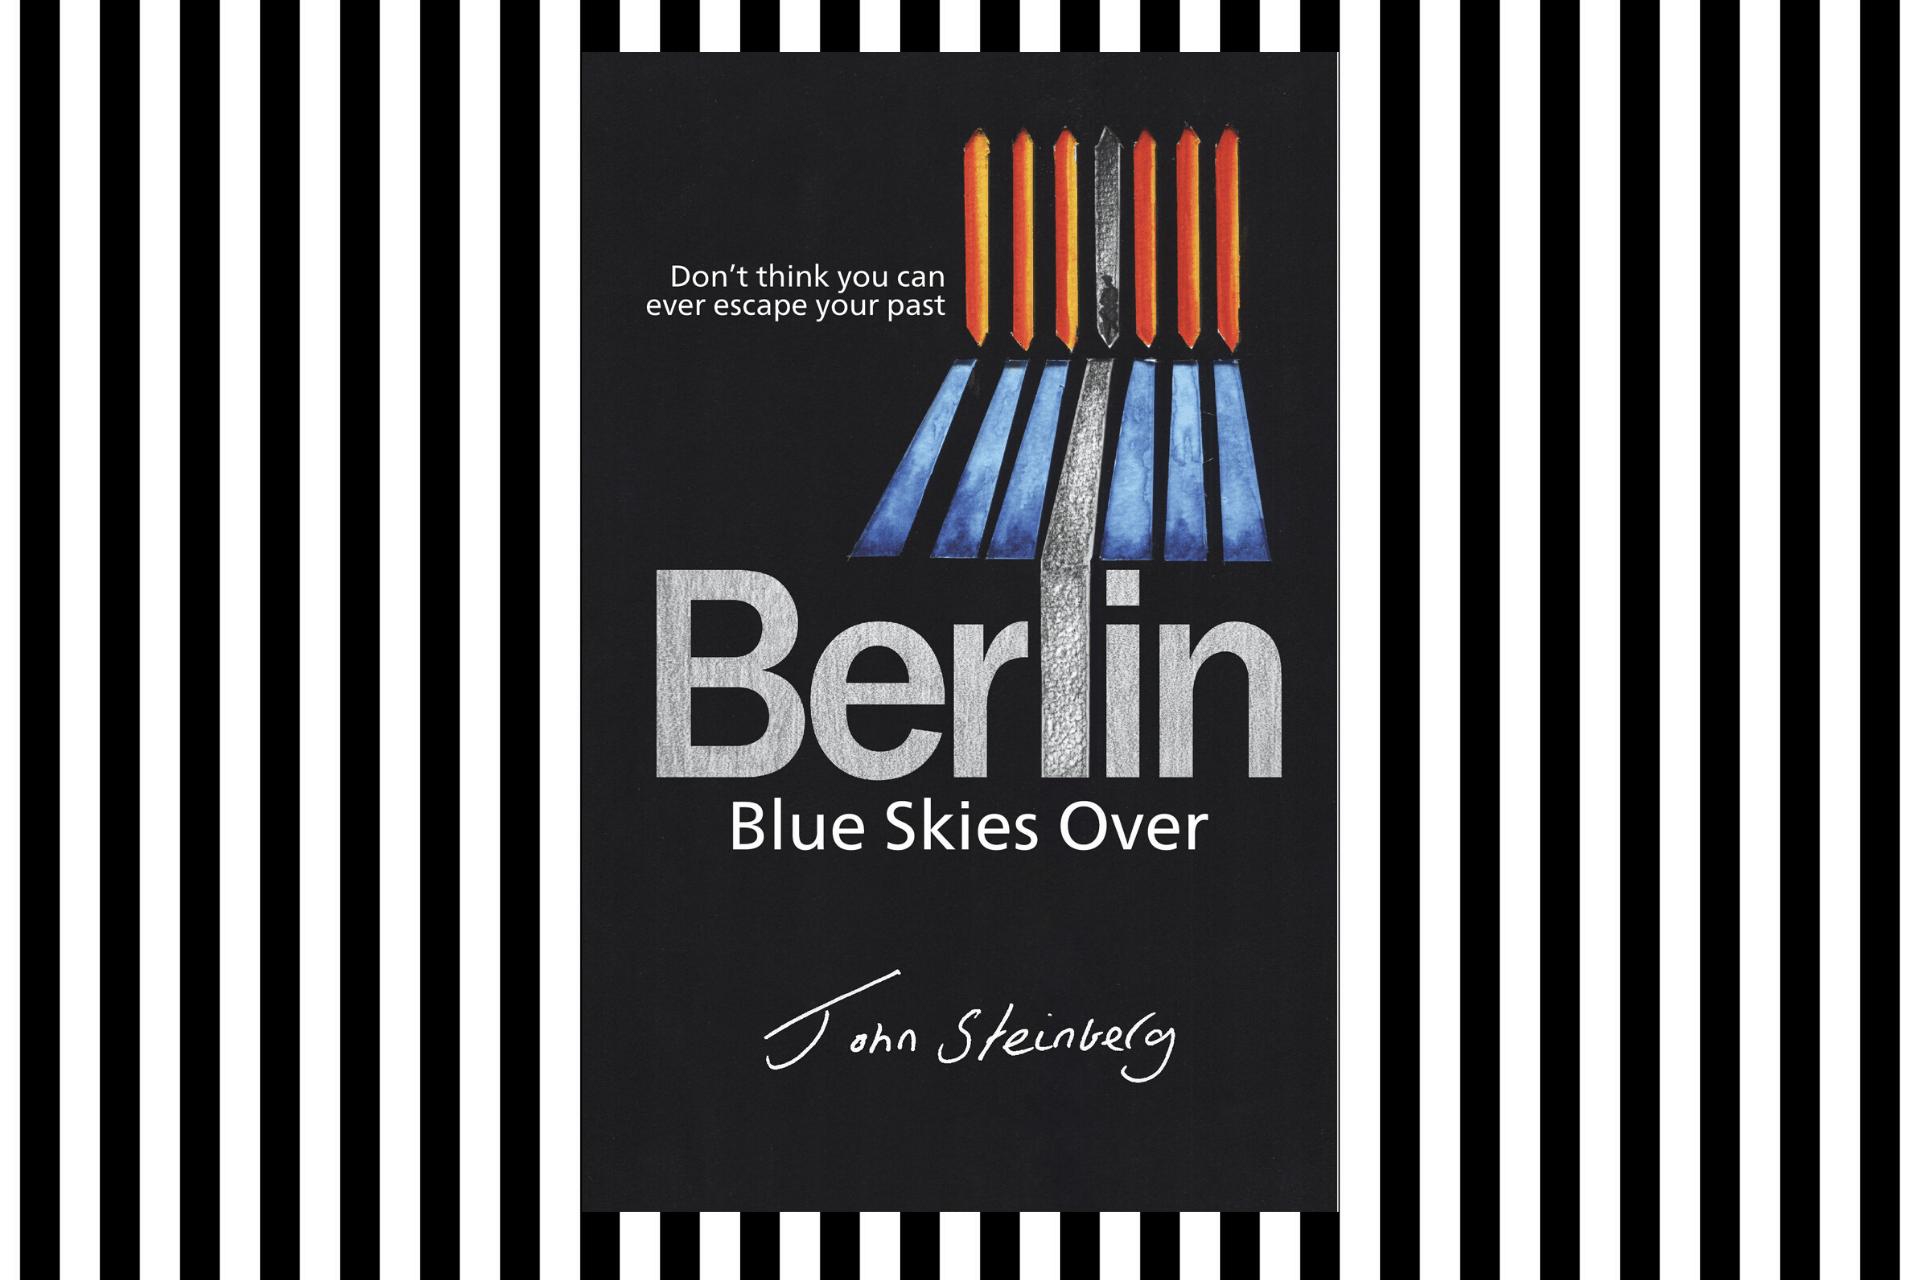 Blue Skies Over Berlin by John Steinberg